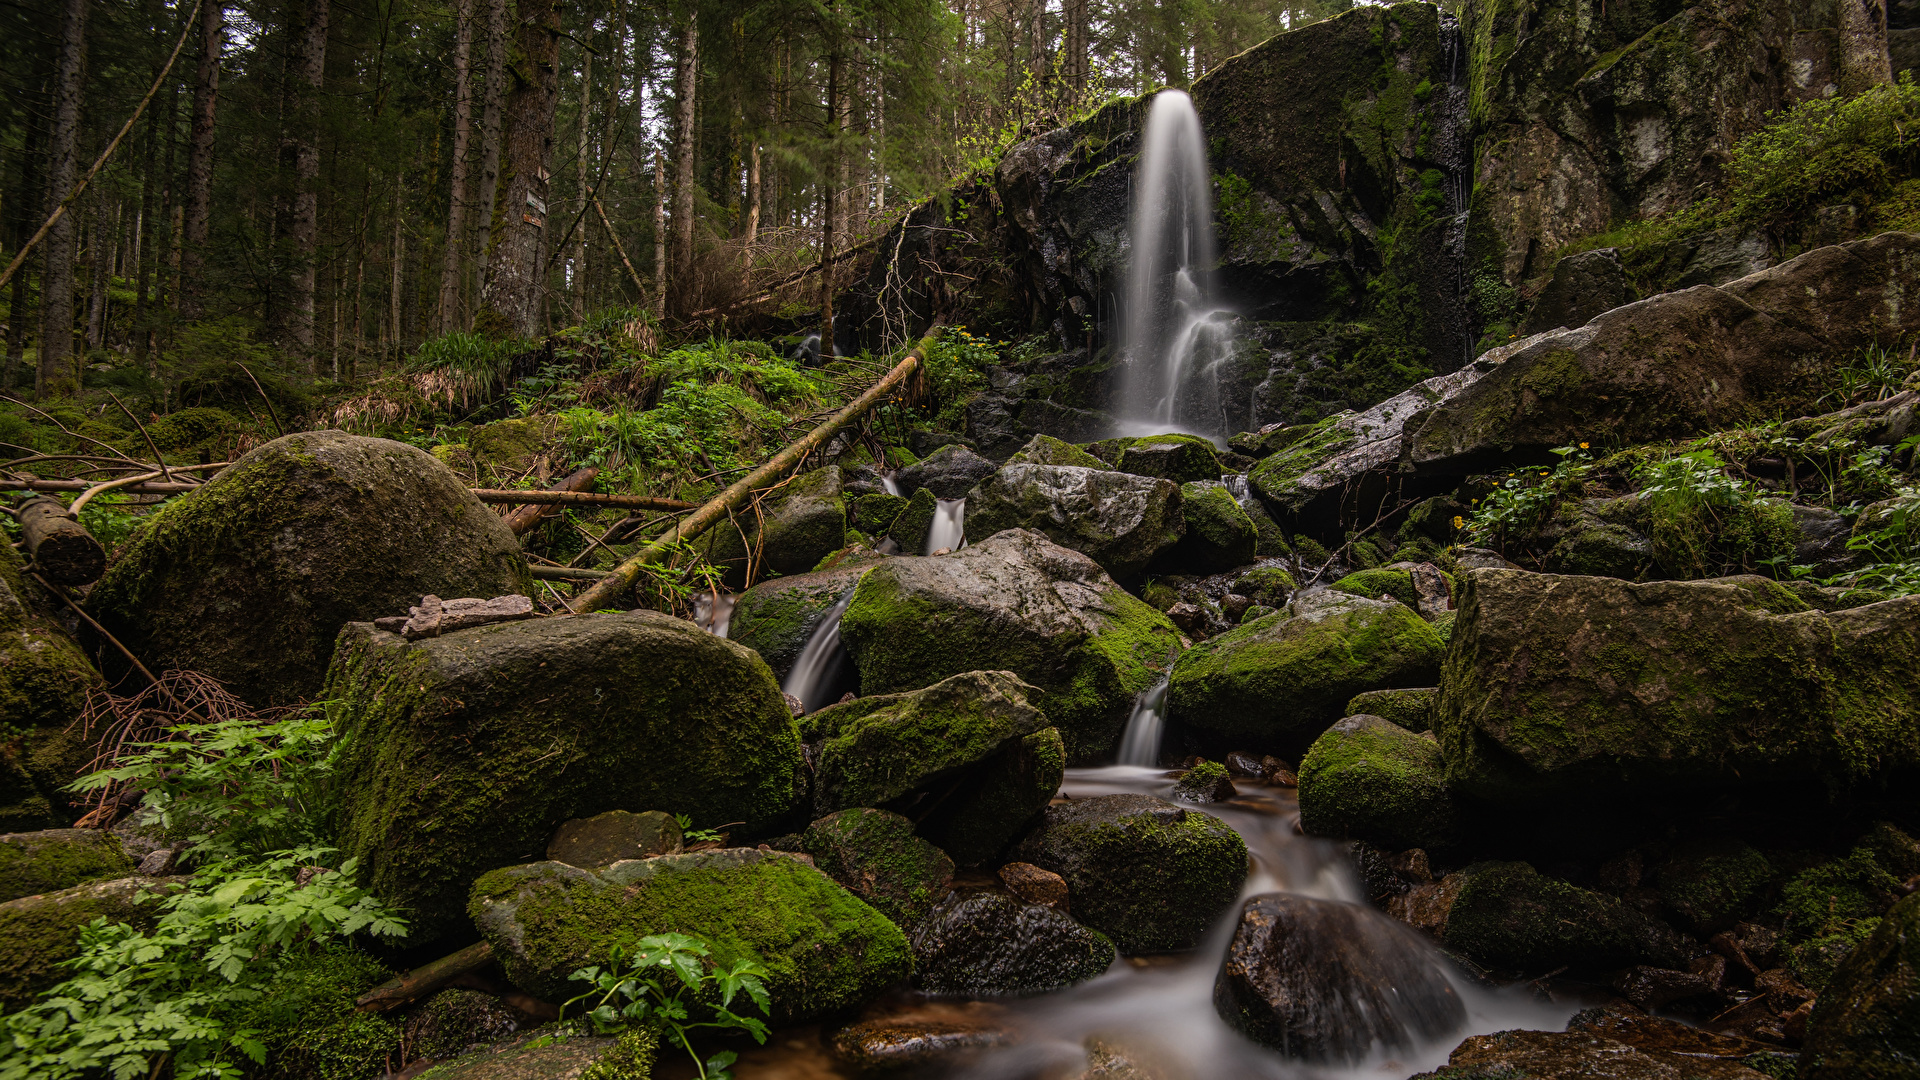 Фотографии Франция Cascade de Merelle скалы Природа Водопады лес мха Камни 1920x1080 Утес Скала скале Леса Мох мхом Камень